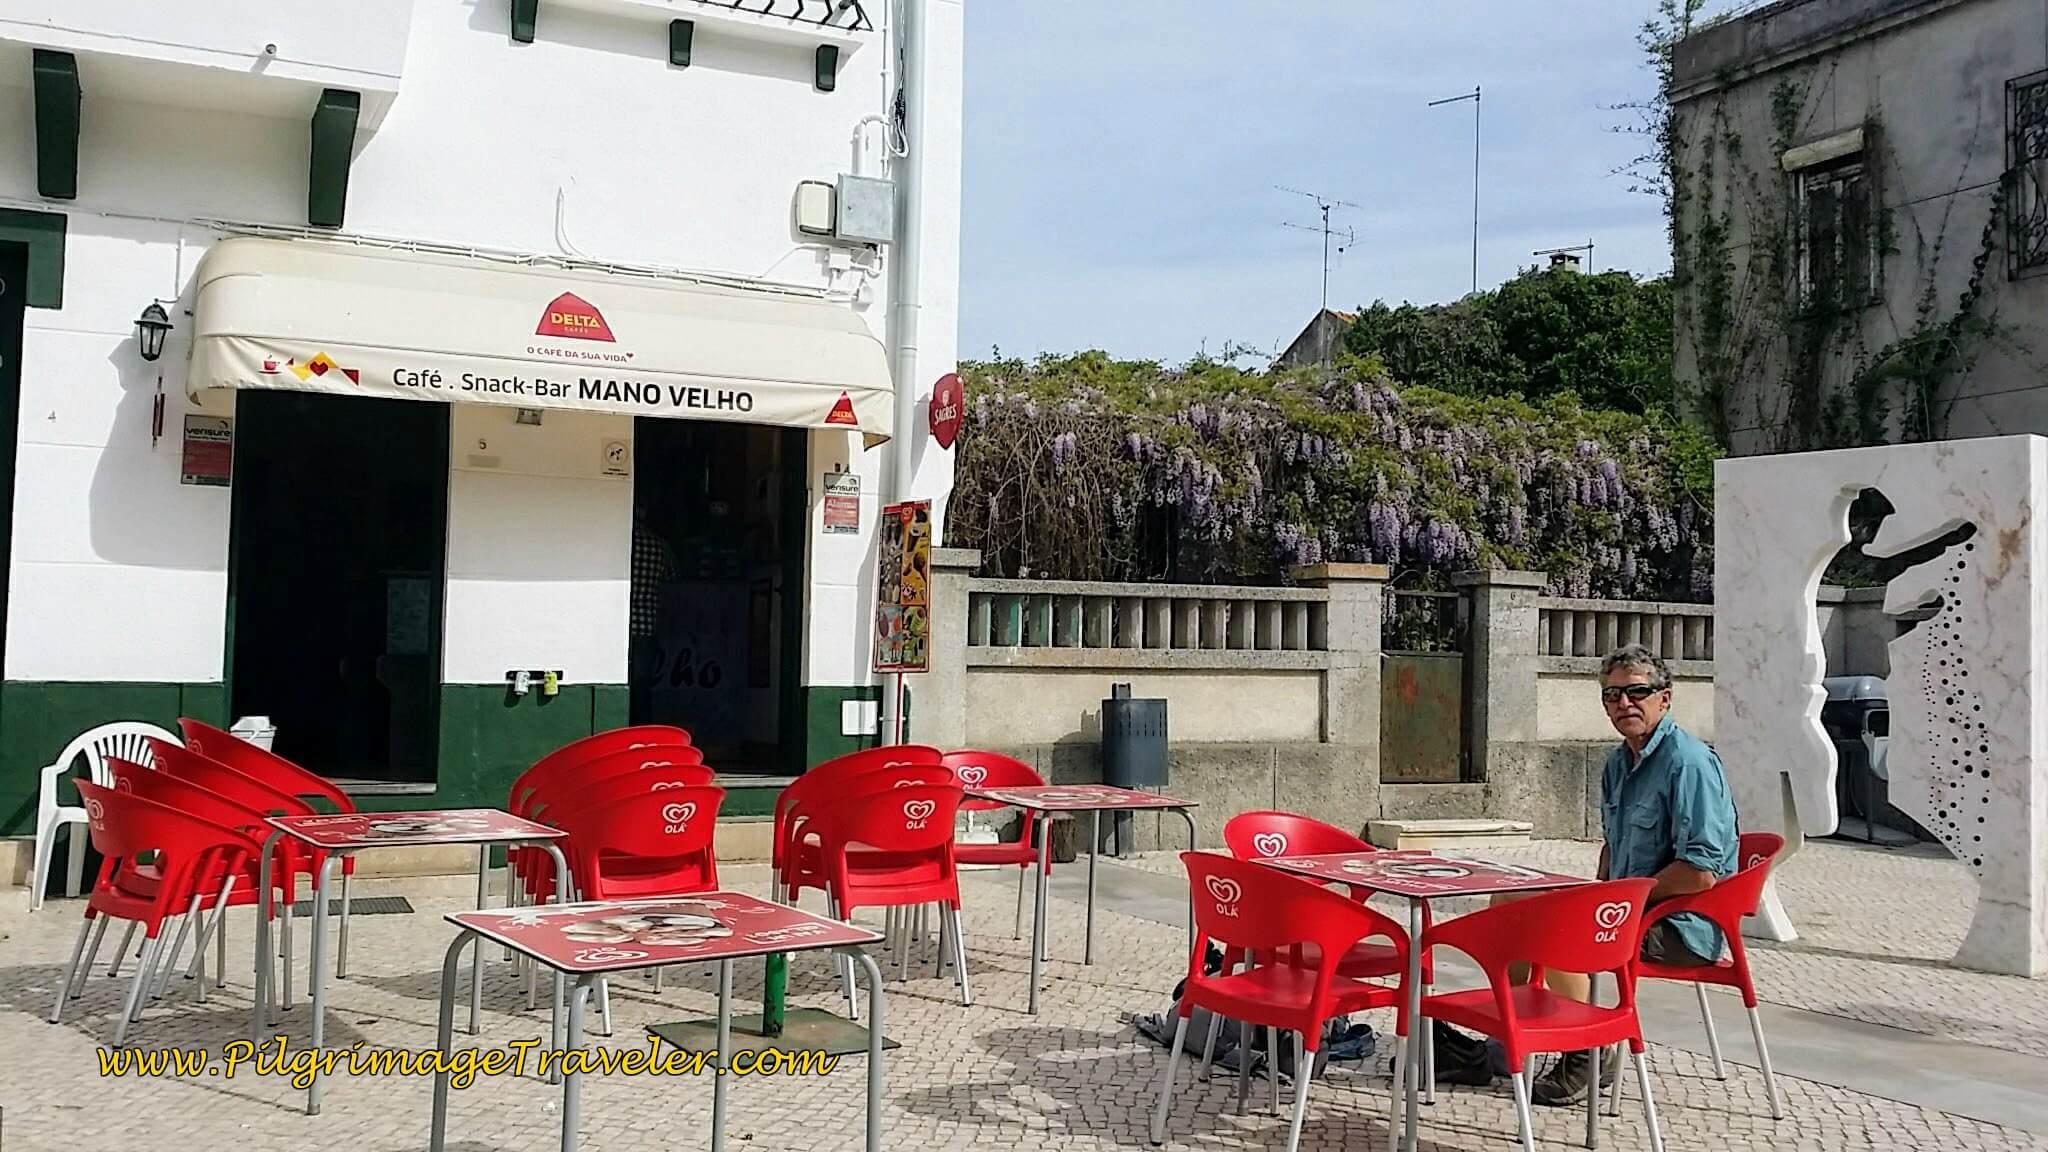 Café Mano Velho in Valada, Portugal